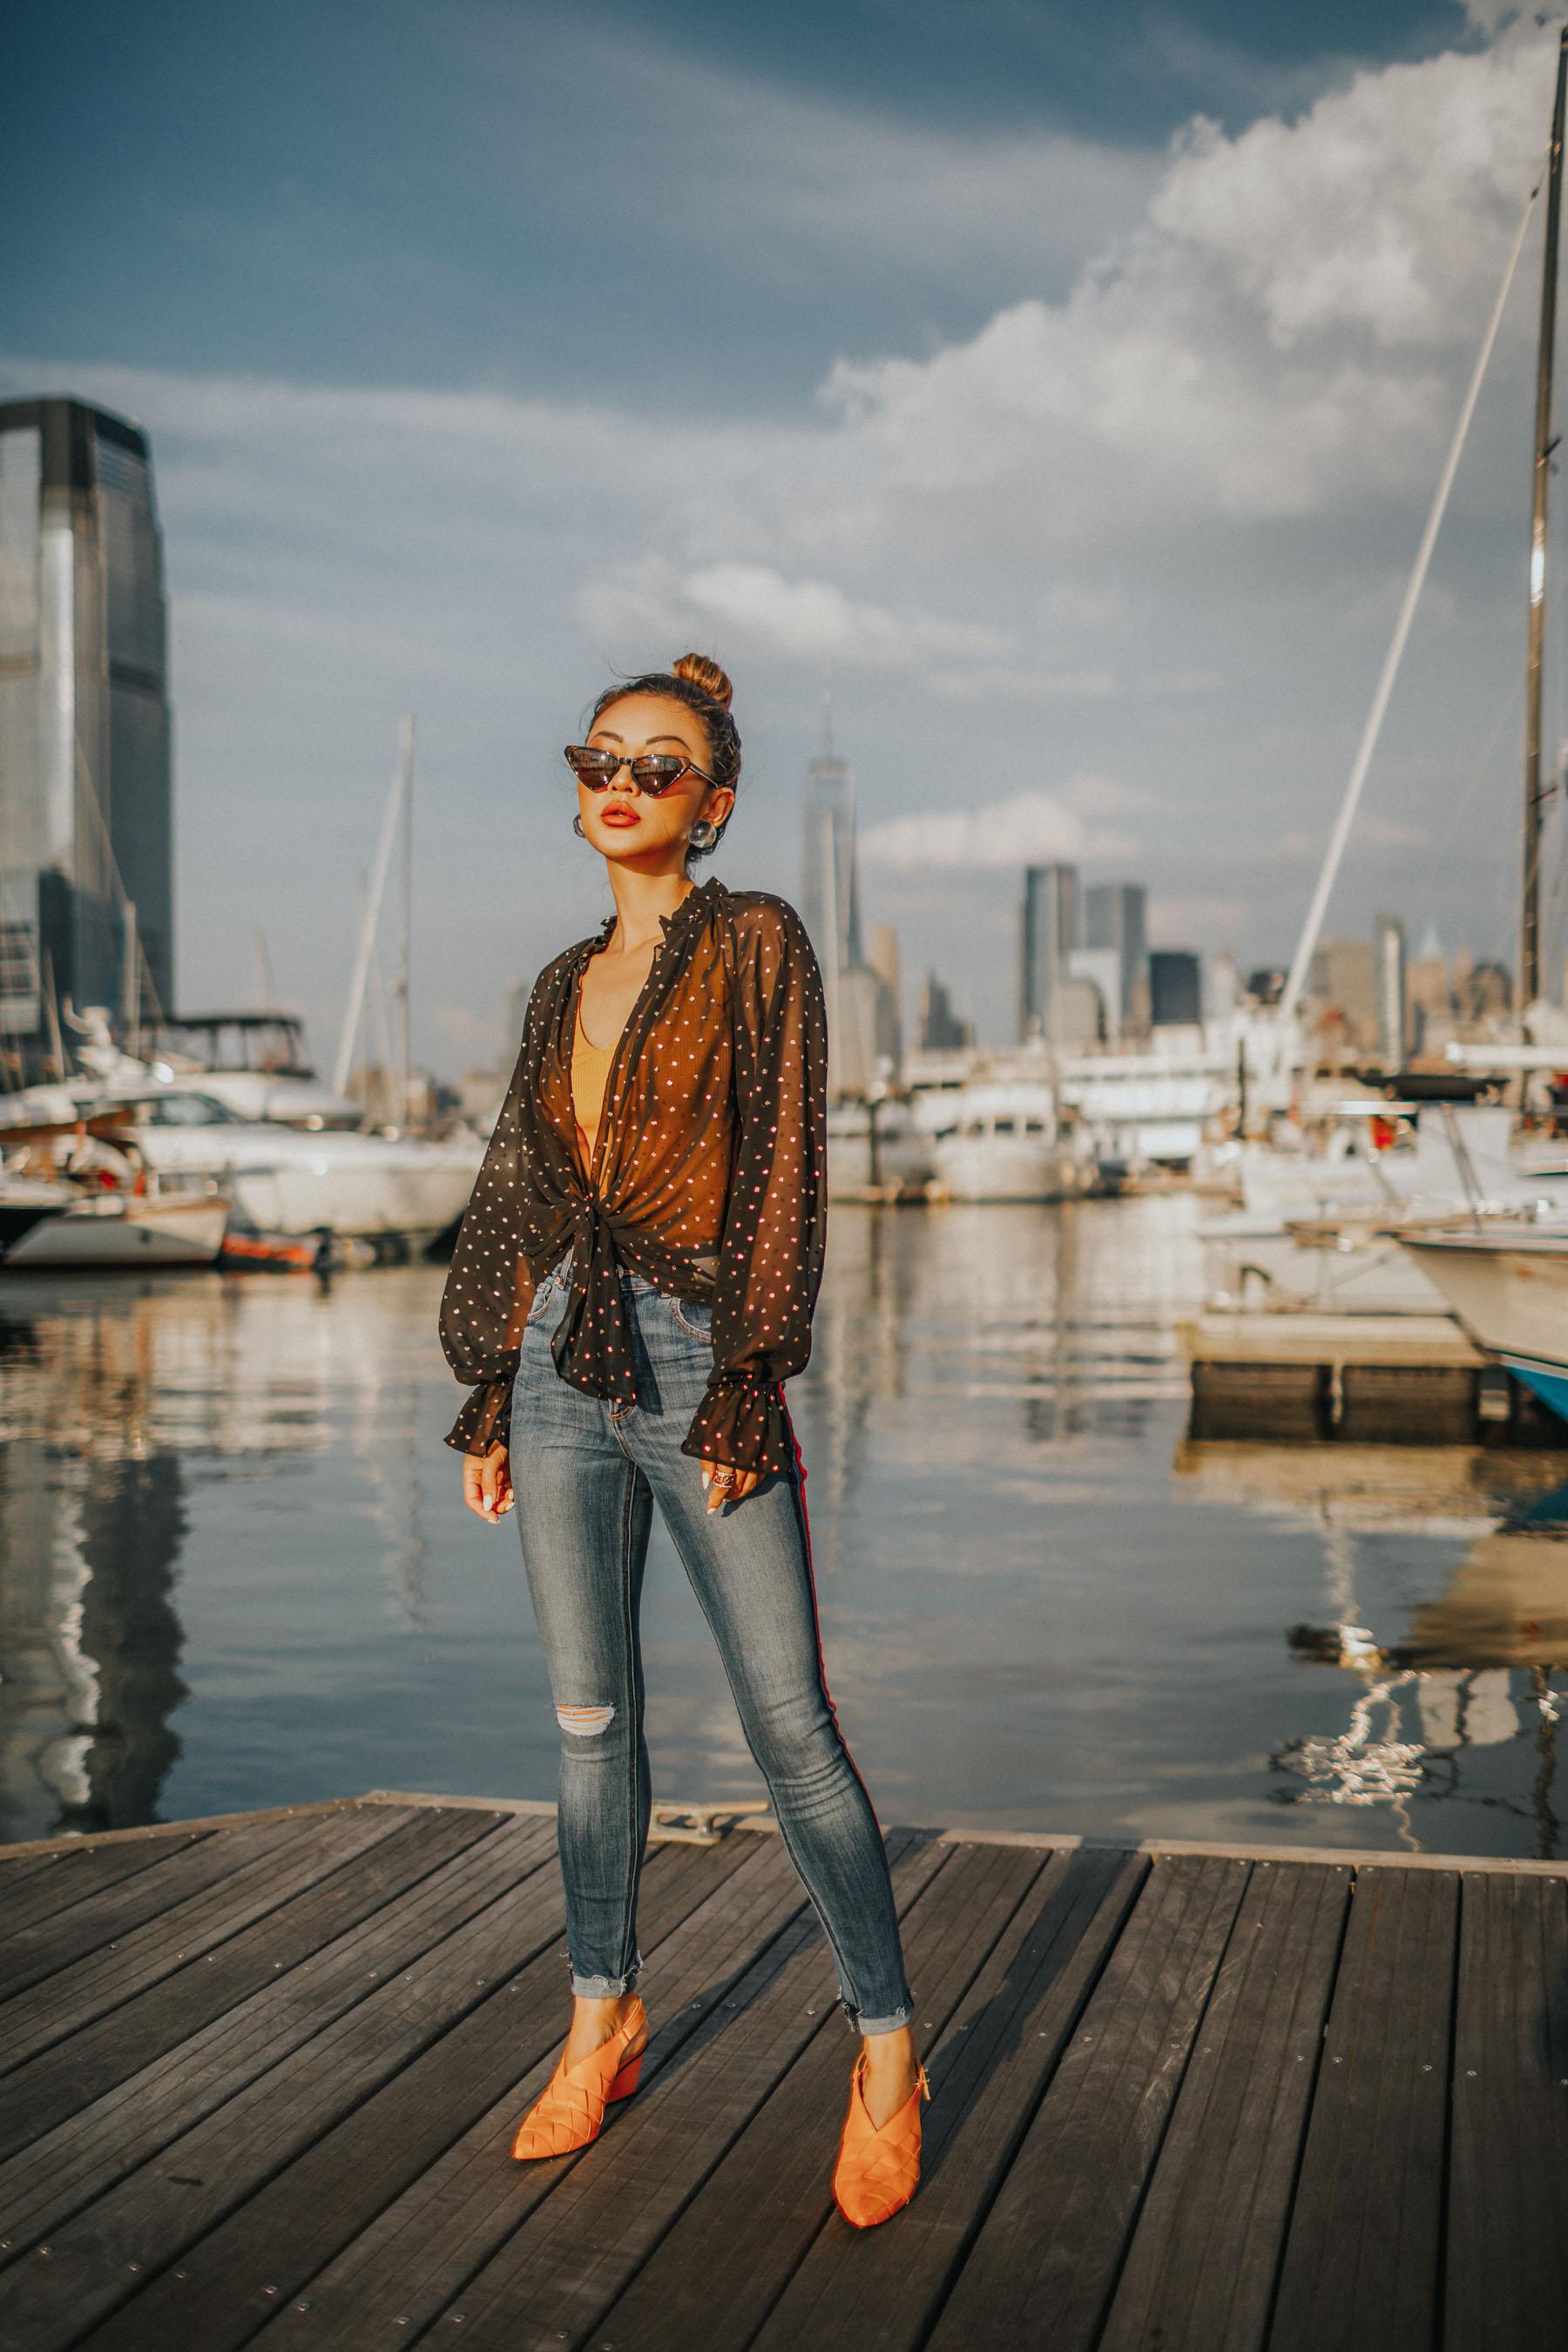 nordstrom anniversary sale 2019 favorites, denim trends, Express Side Stripe Jeans, Express sheer blouse // Notjessfashion.com